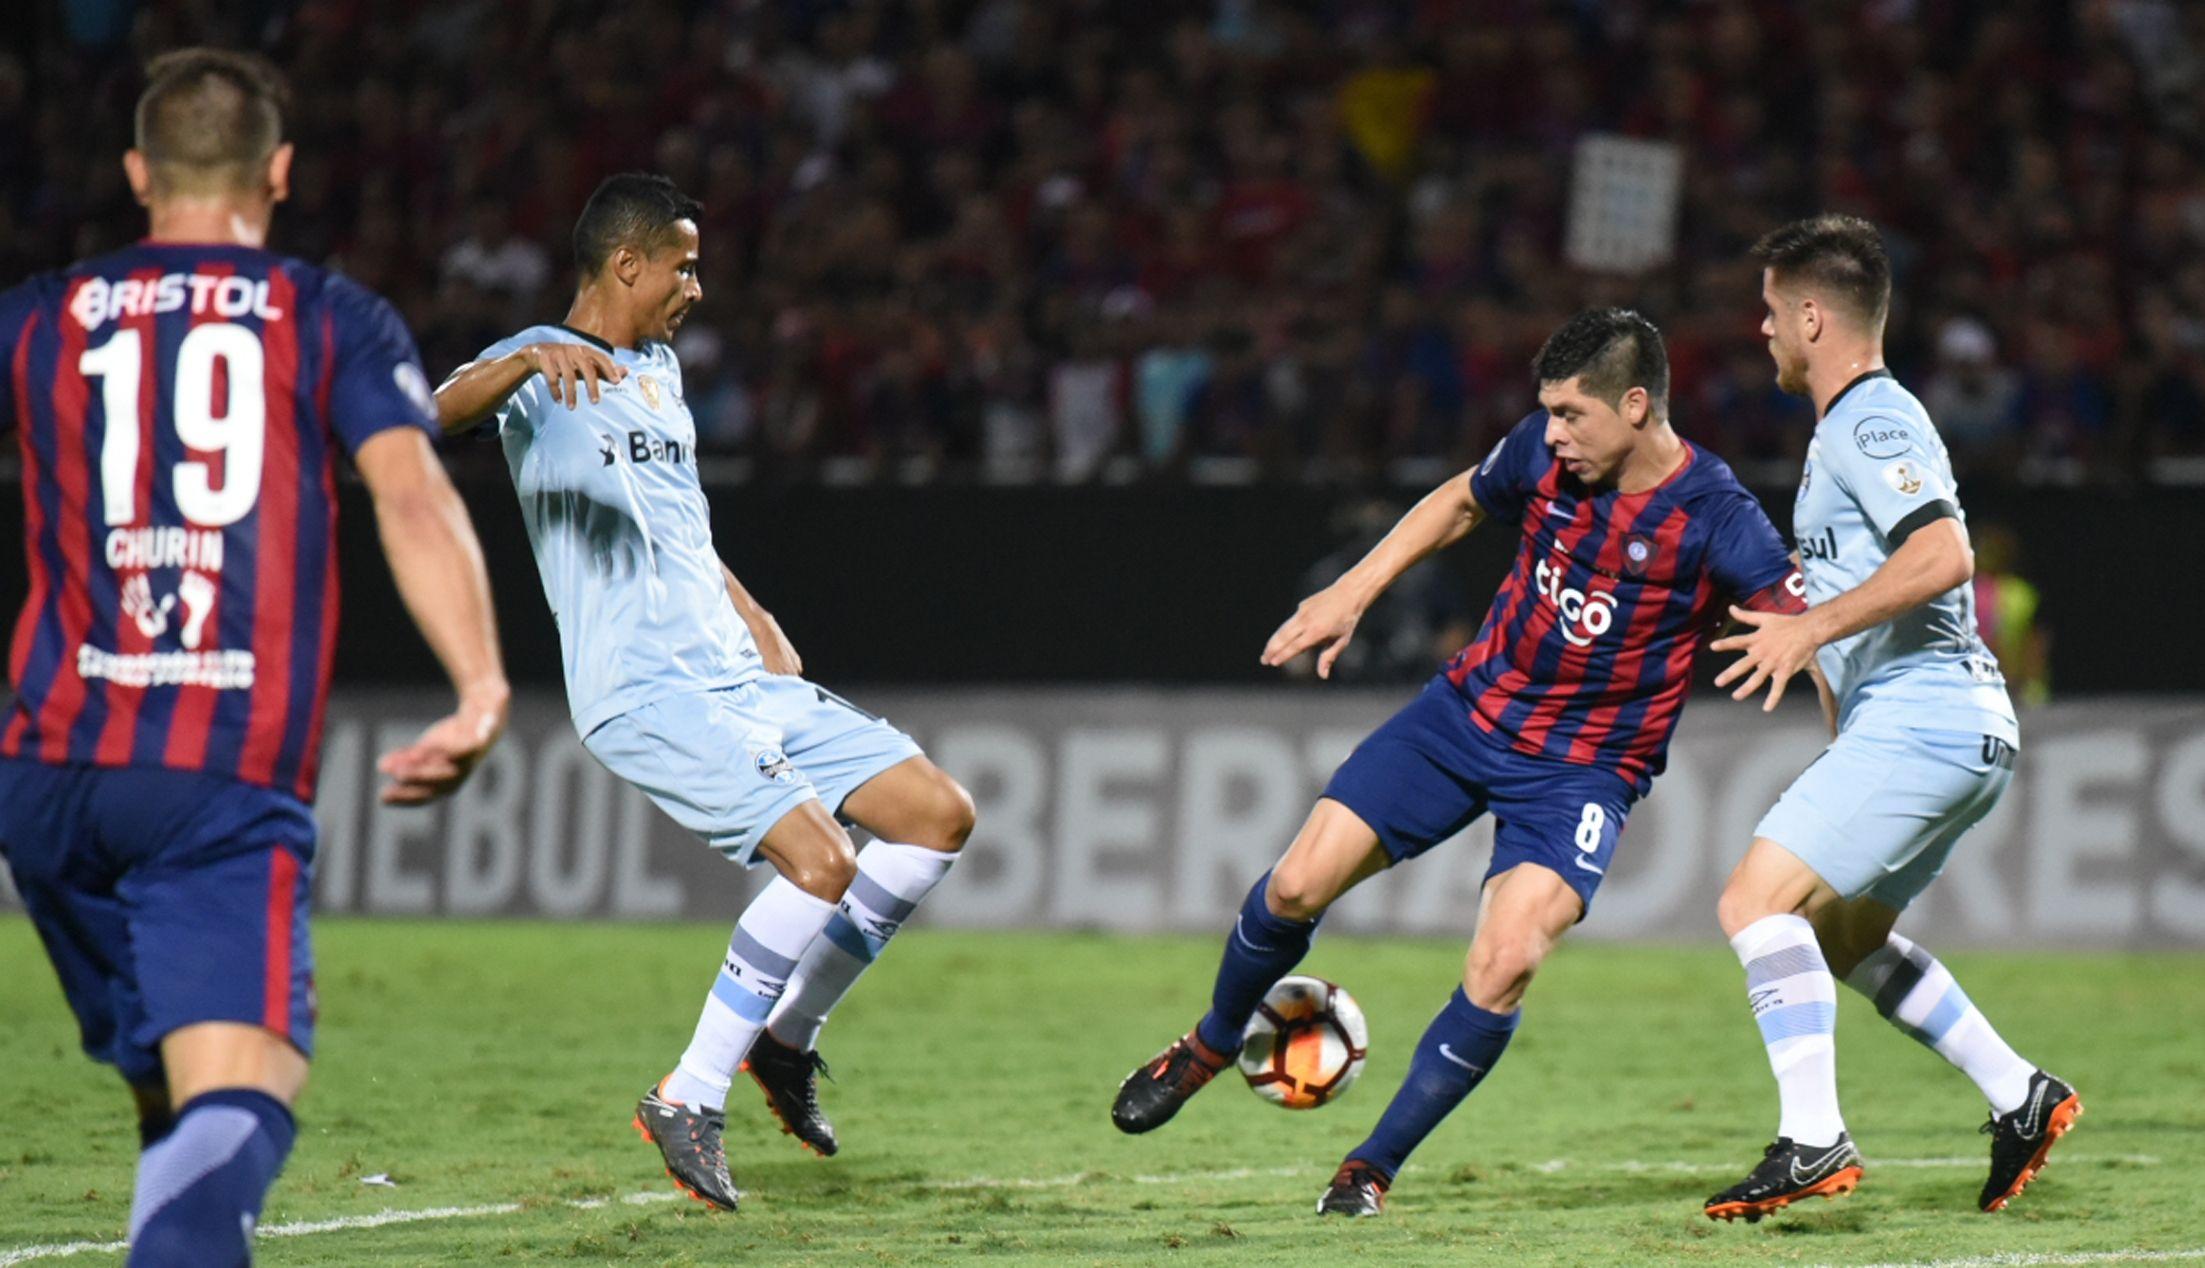 Rojas disputa un balón ante la atenta mirada de Churín. Foto: Andrés Catalán